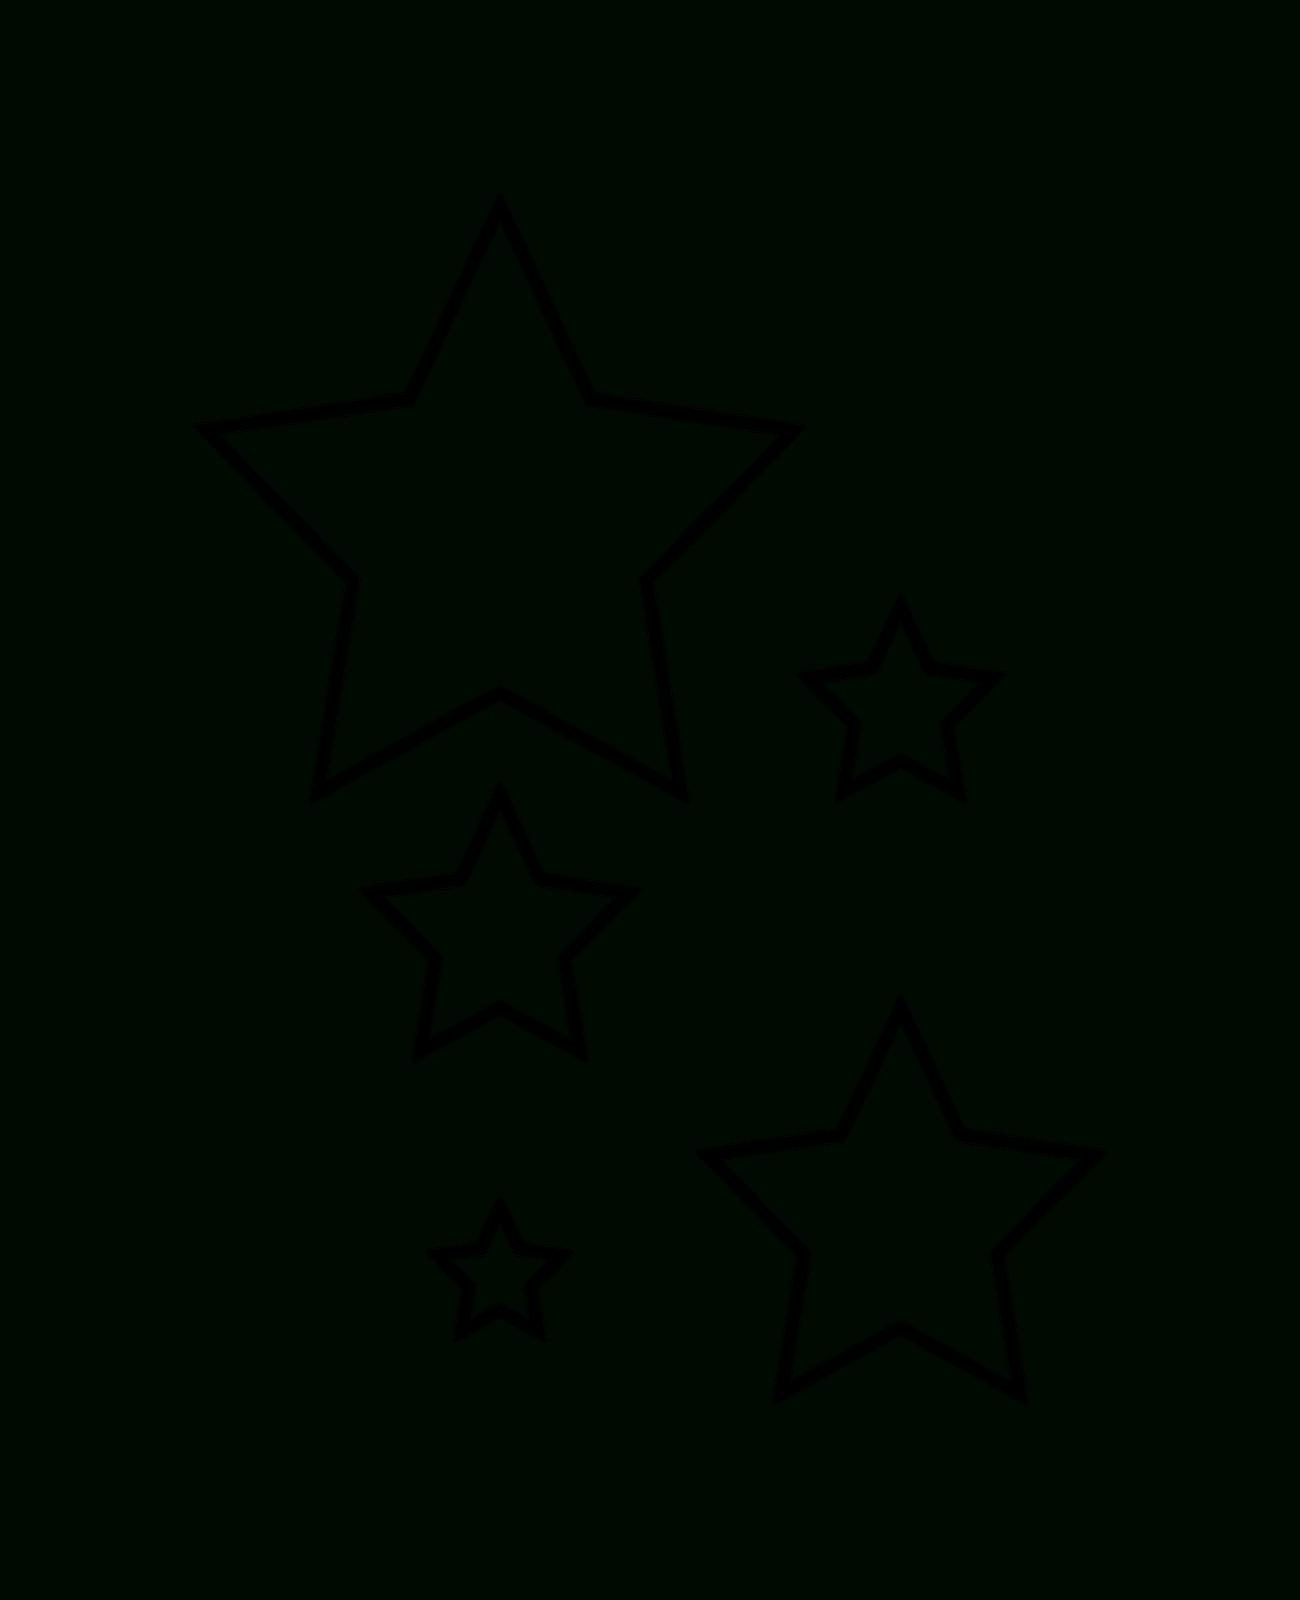 Stern Vorlage Ausschneiden   Stern Schablone, Sterne Basteln mit Schablonen Ausdrucken Vorlagen